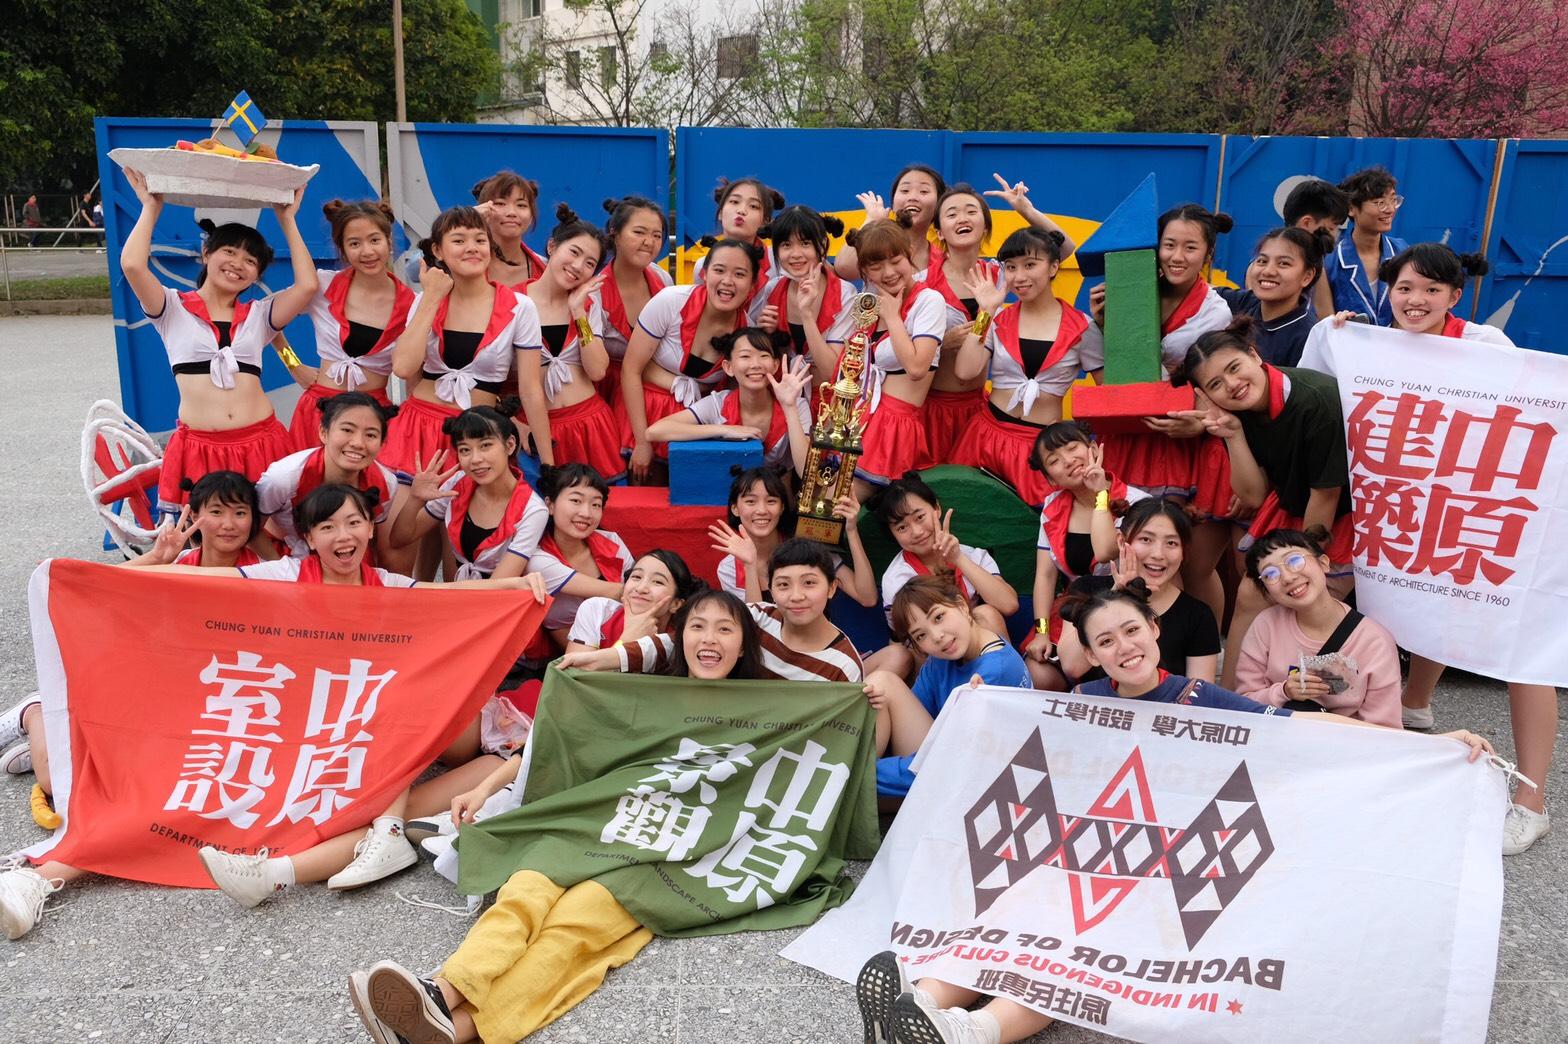 舞動大學青春—第63屆運動會啦啦隊專訪